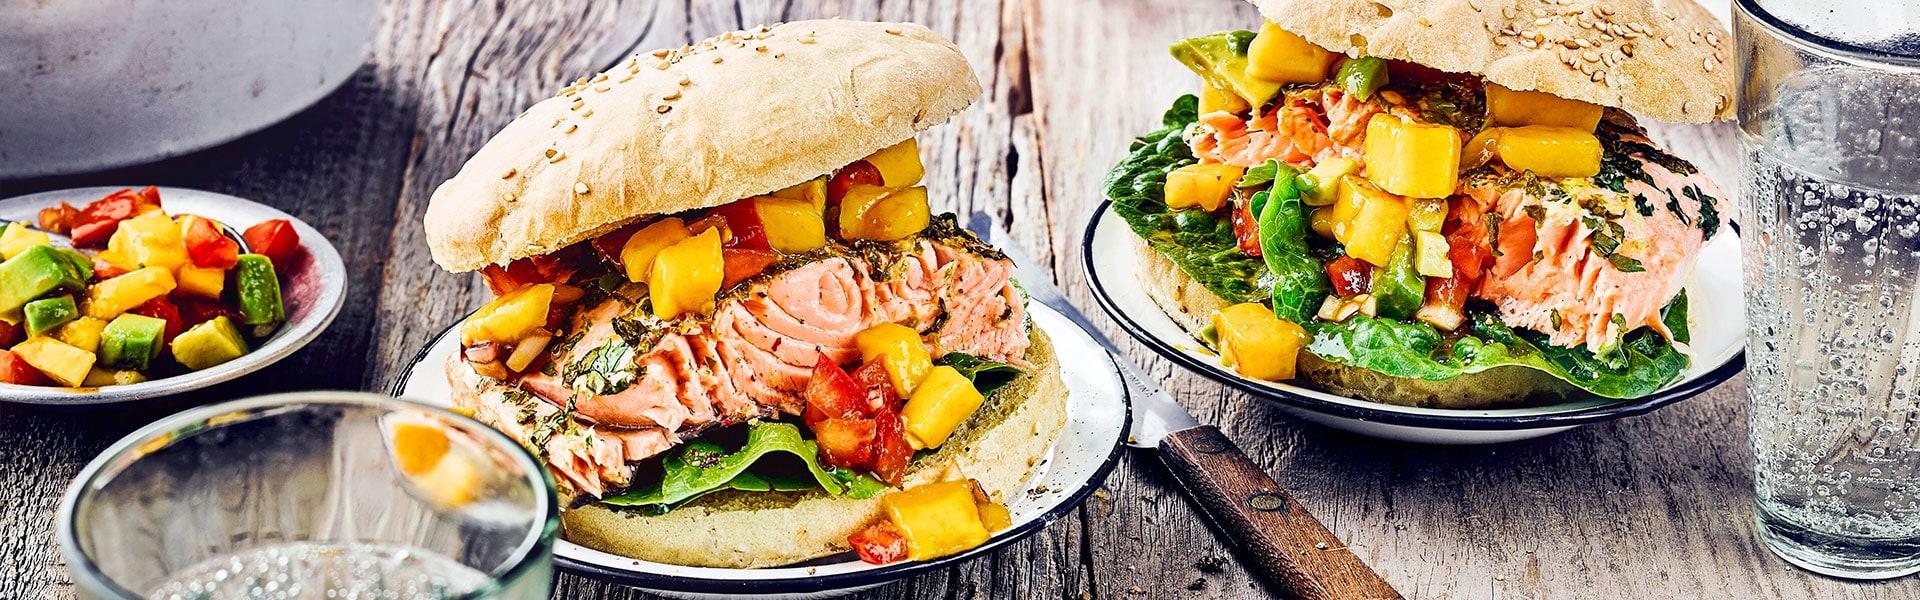 Lachsburger mit Salsa